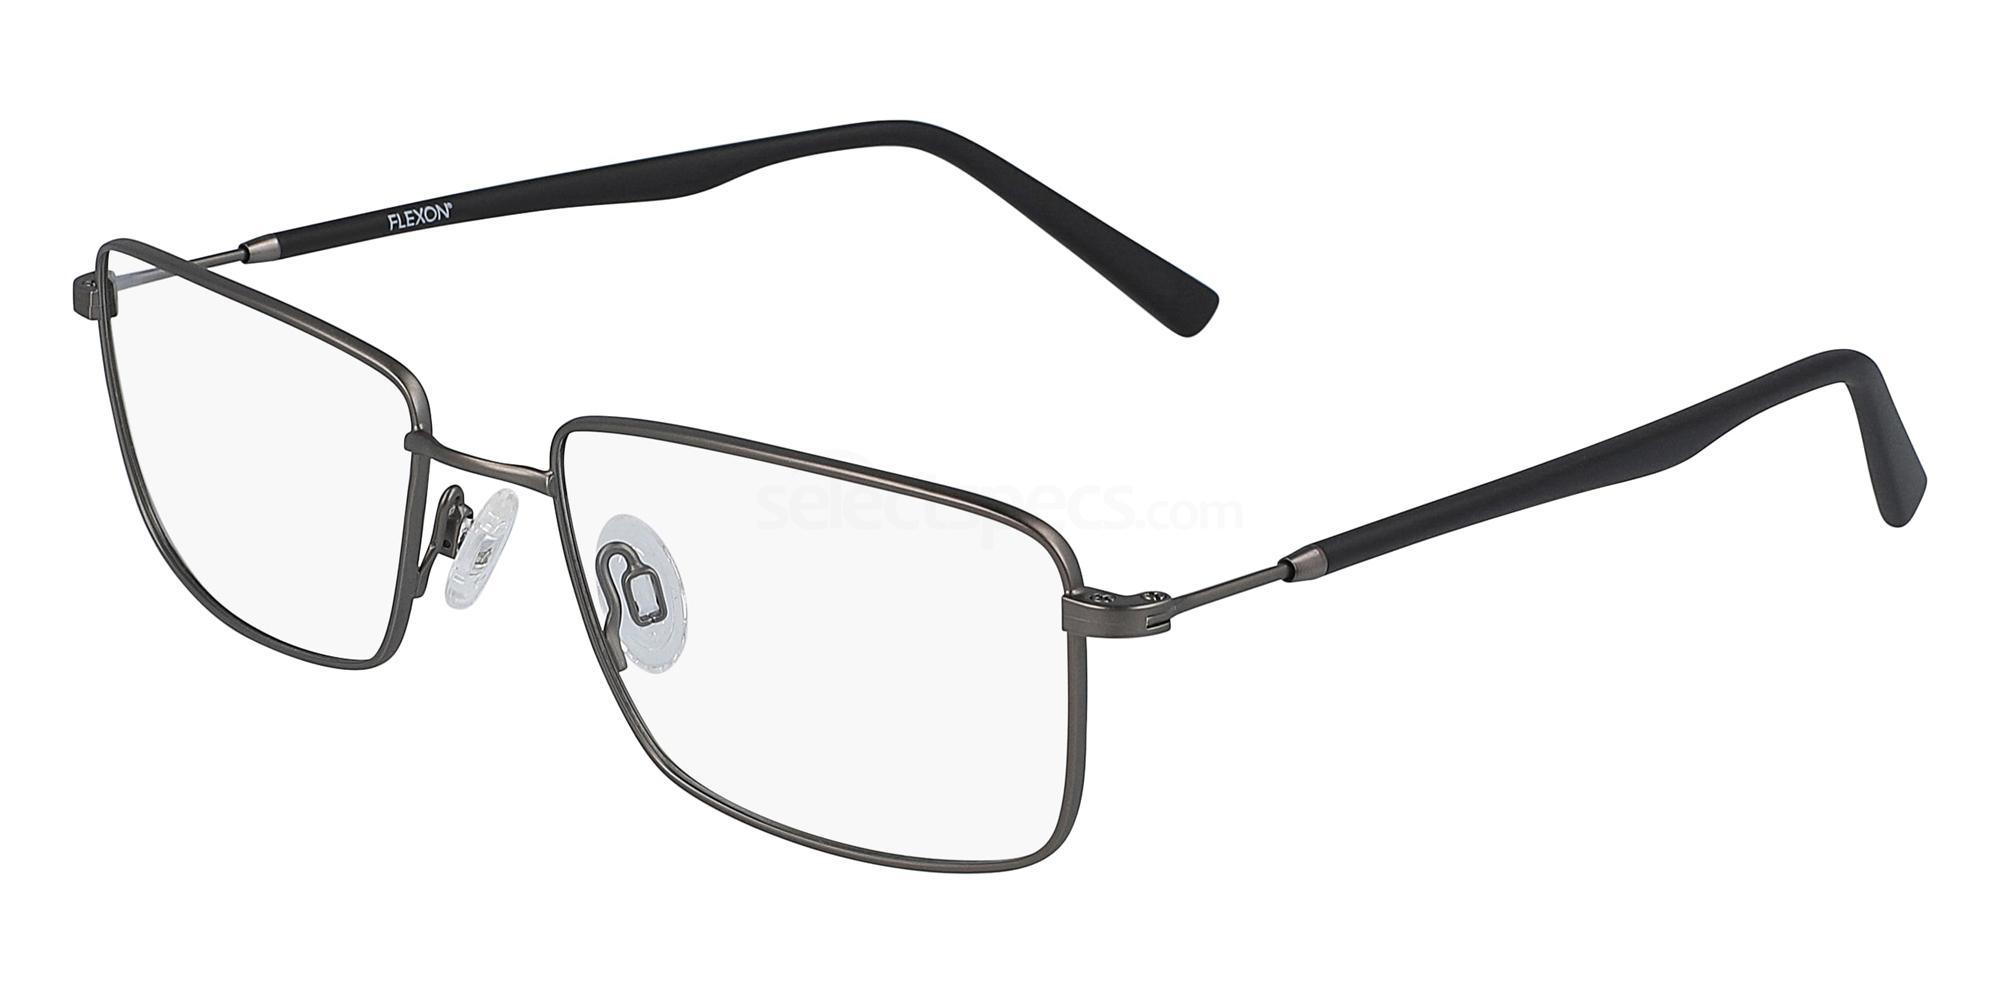 033 FLEXON H6013 Glasses, Flexon